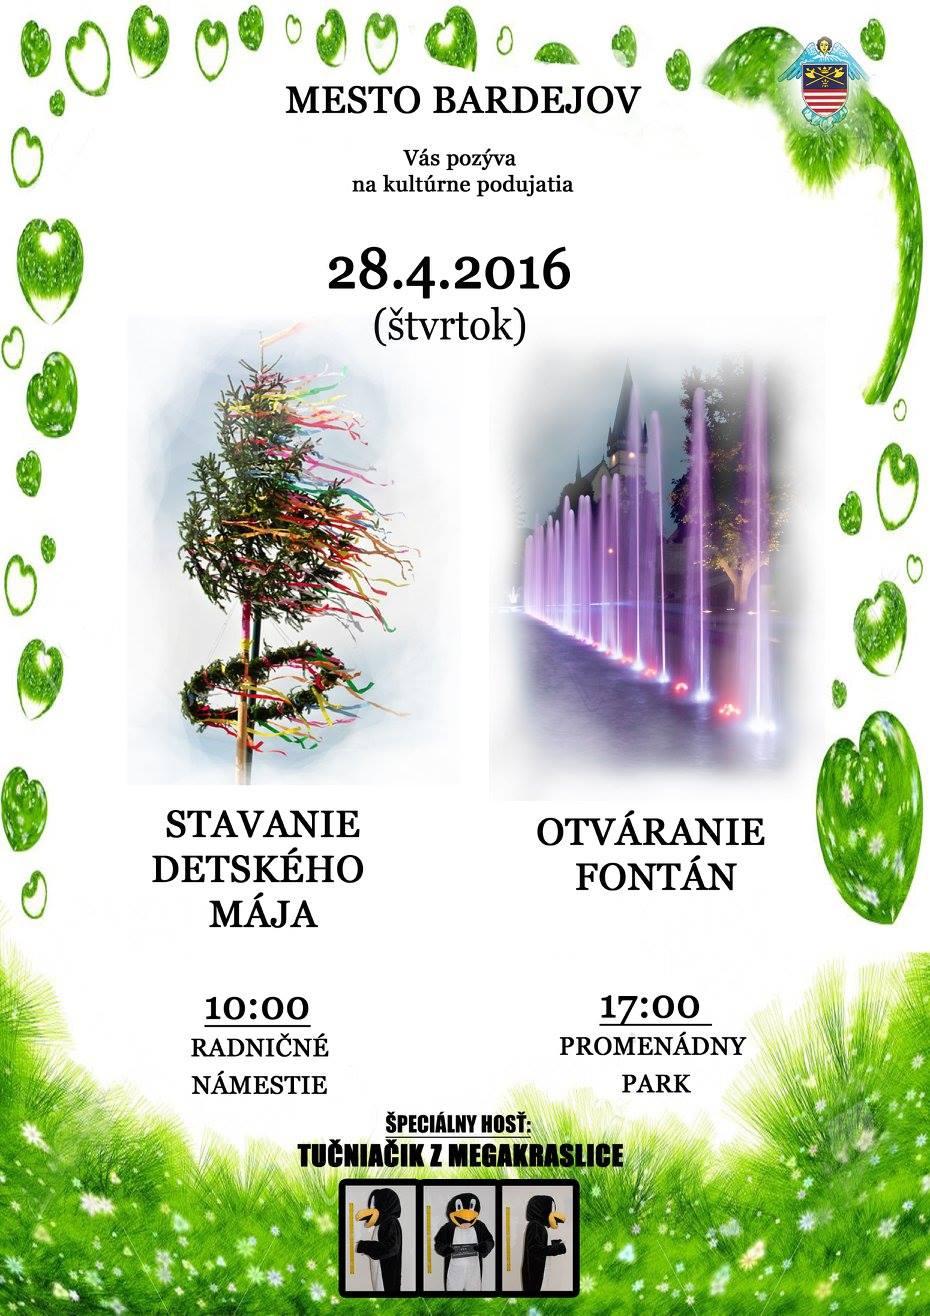 Stavanie detského Mája a Otváranie fontán (28.04.2016)